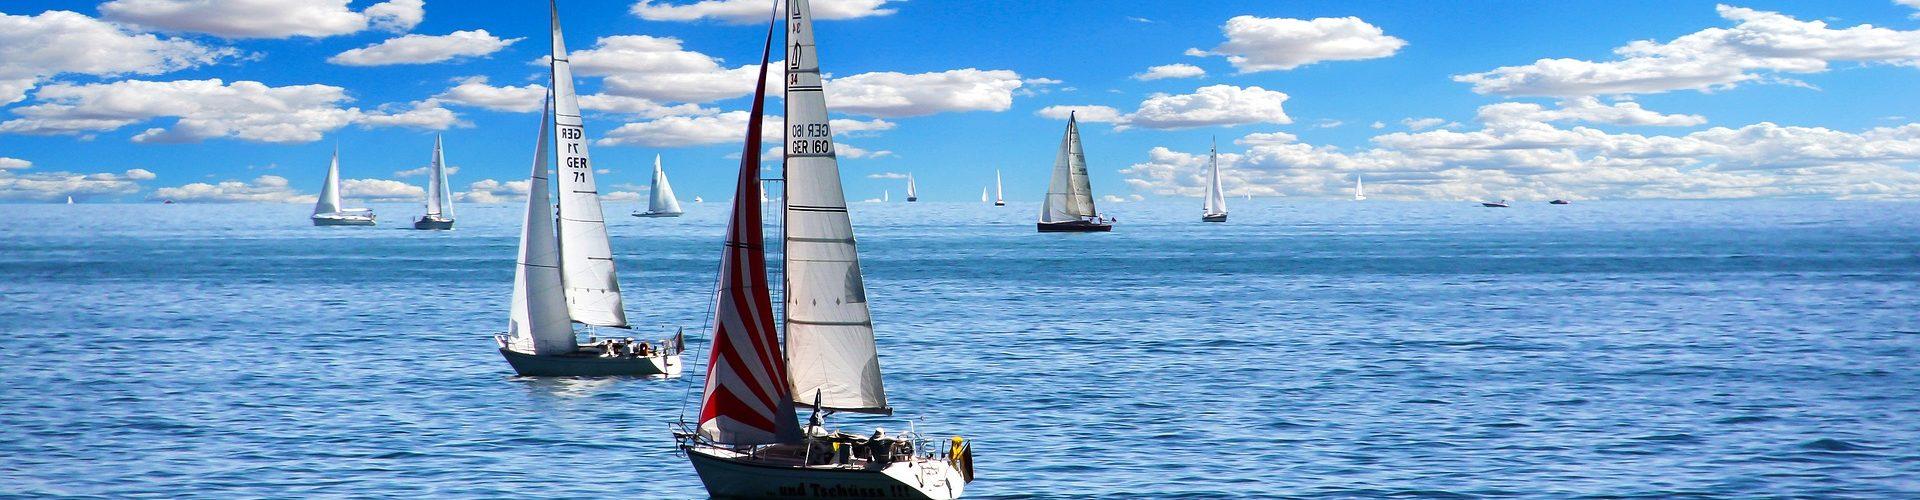 segeln lernen in Neu Fahrland segelschein machen in Neu Fahrland 1920x500 - Segeln lernen in Neu Fahrland